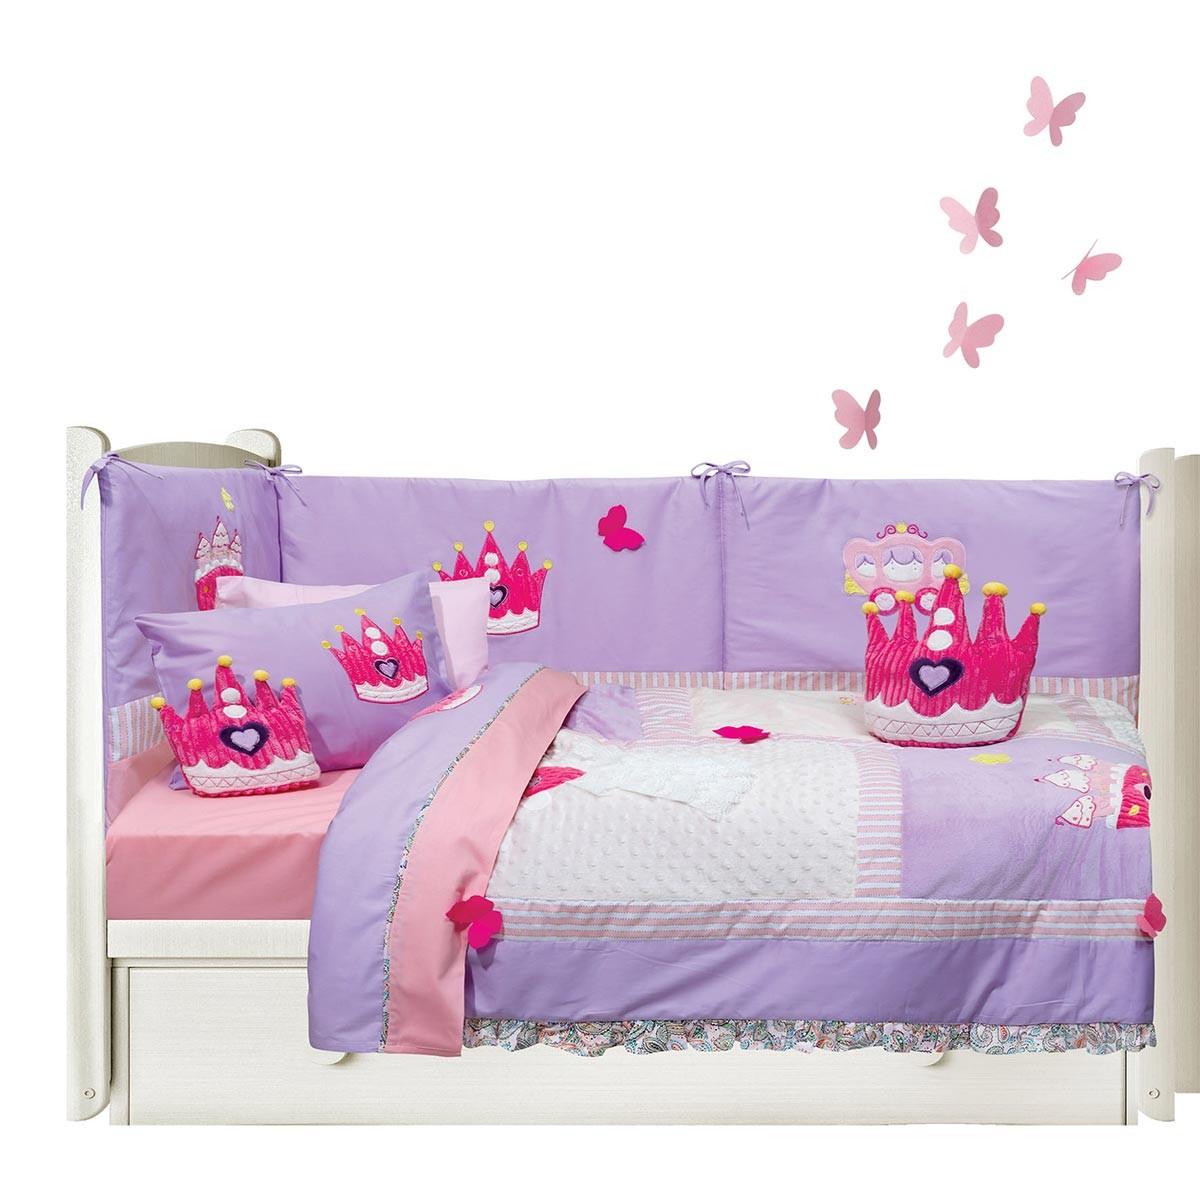 Κουβερλί Κούνιας (Σετ) Das Home Dream Embroidery 6398 66777